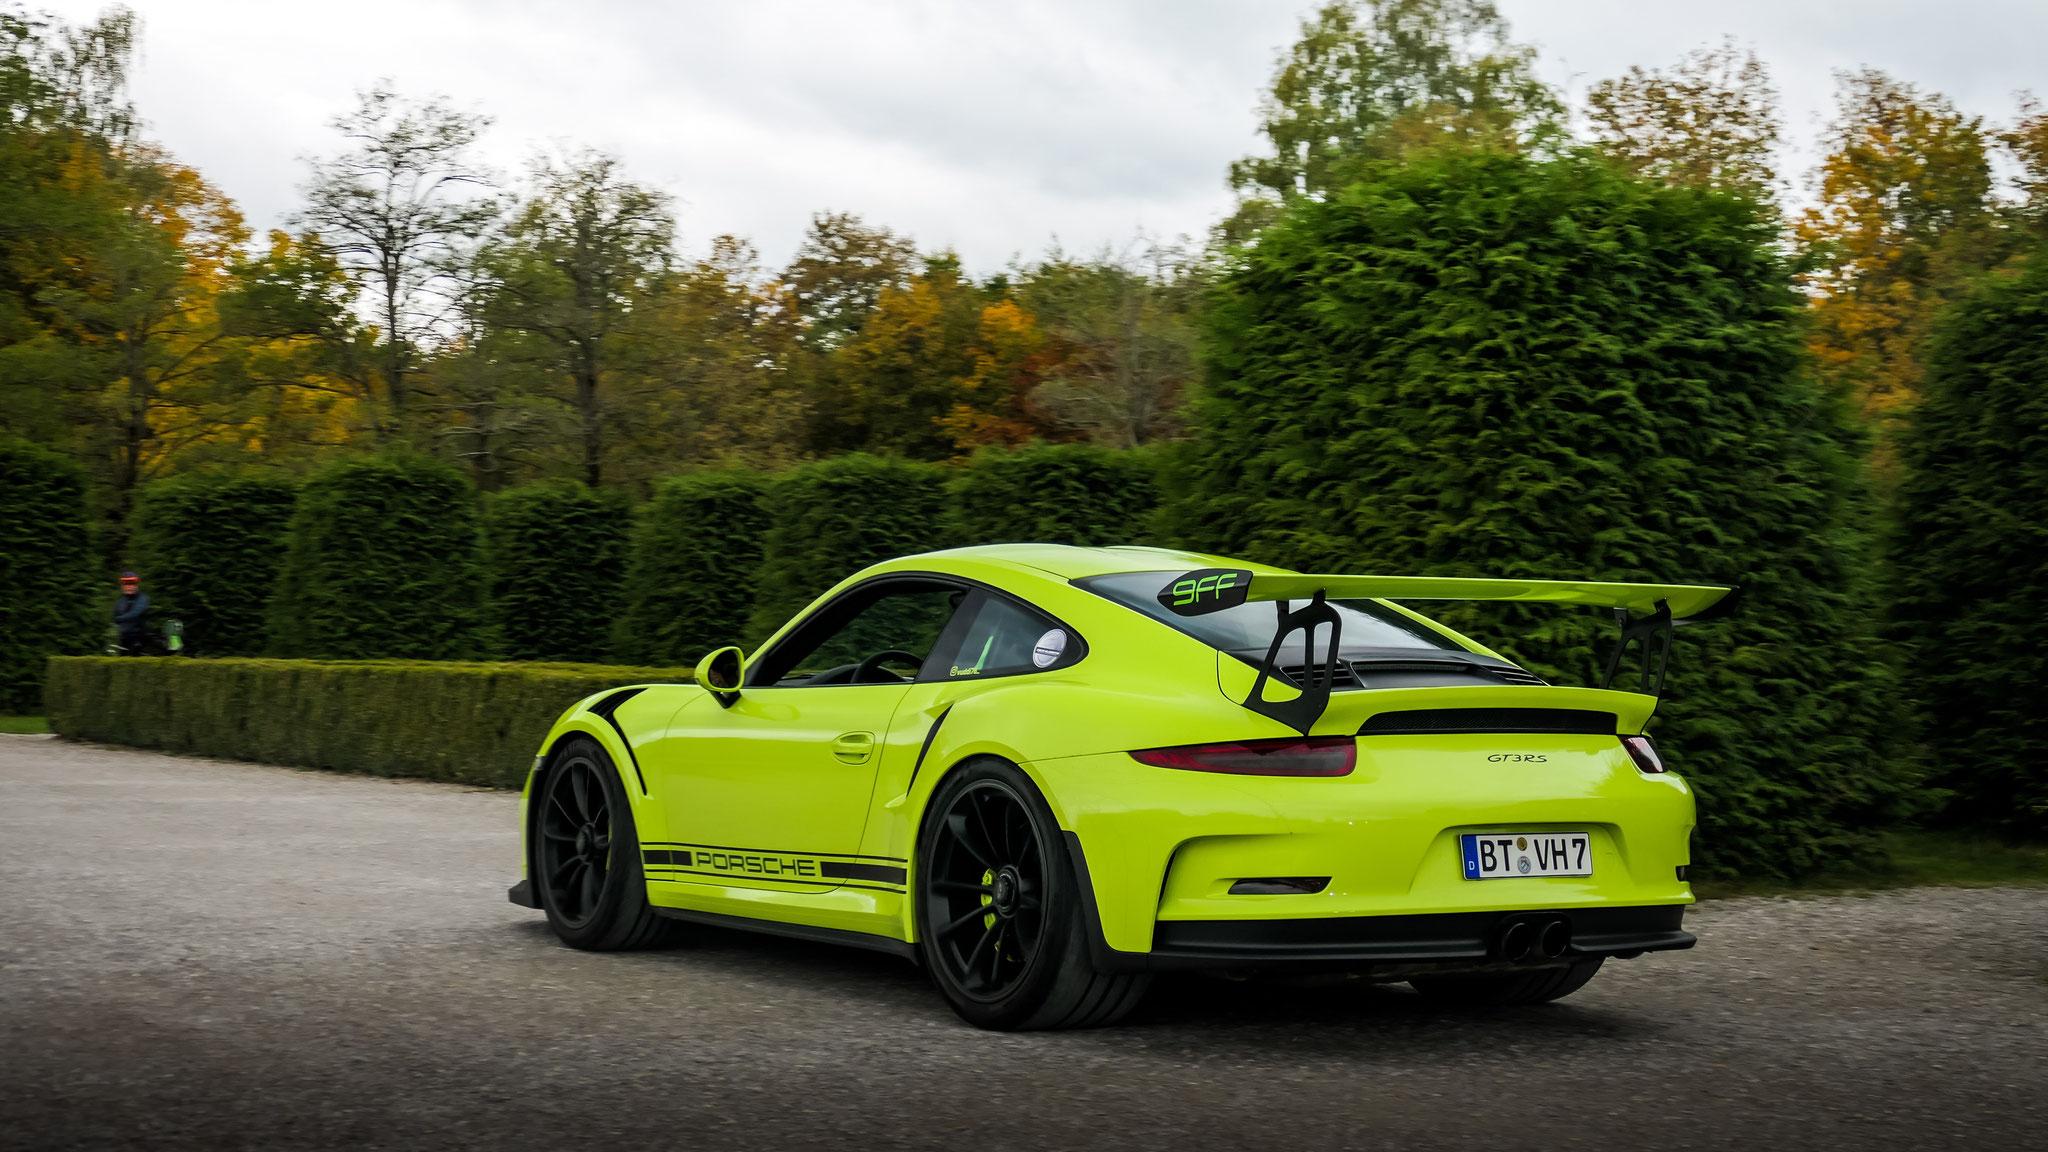 Porsche 911 GT3 RS - BT-VH-7